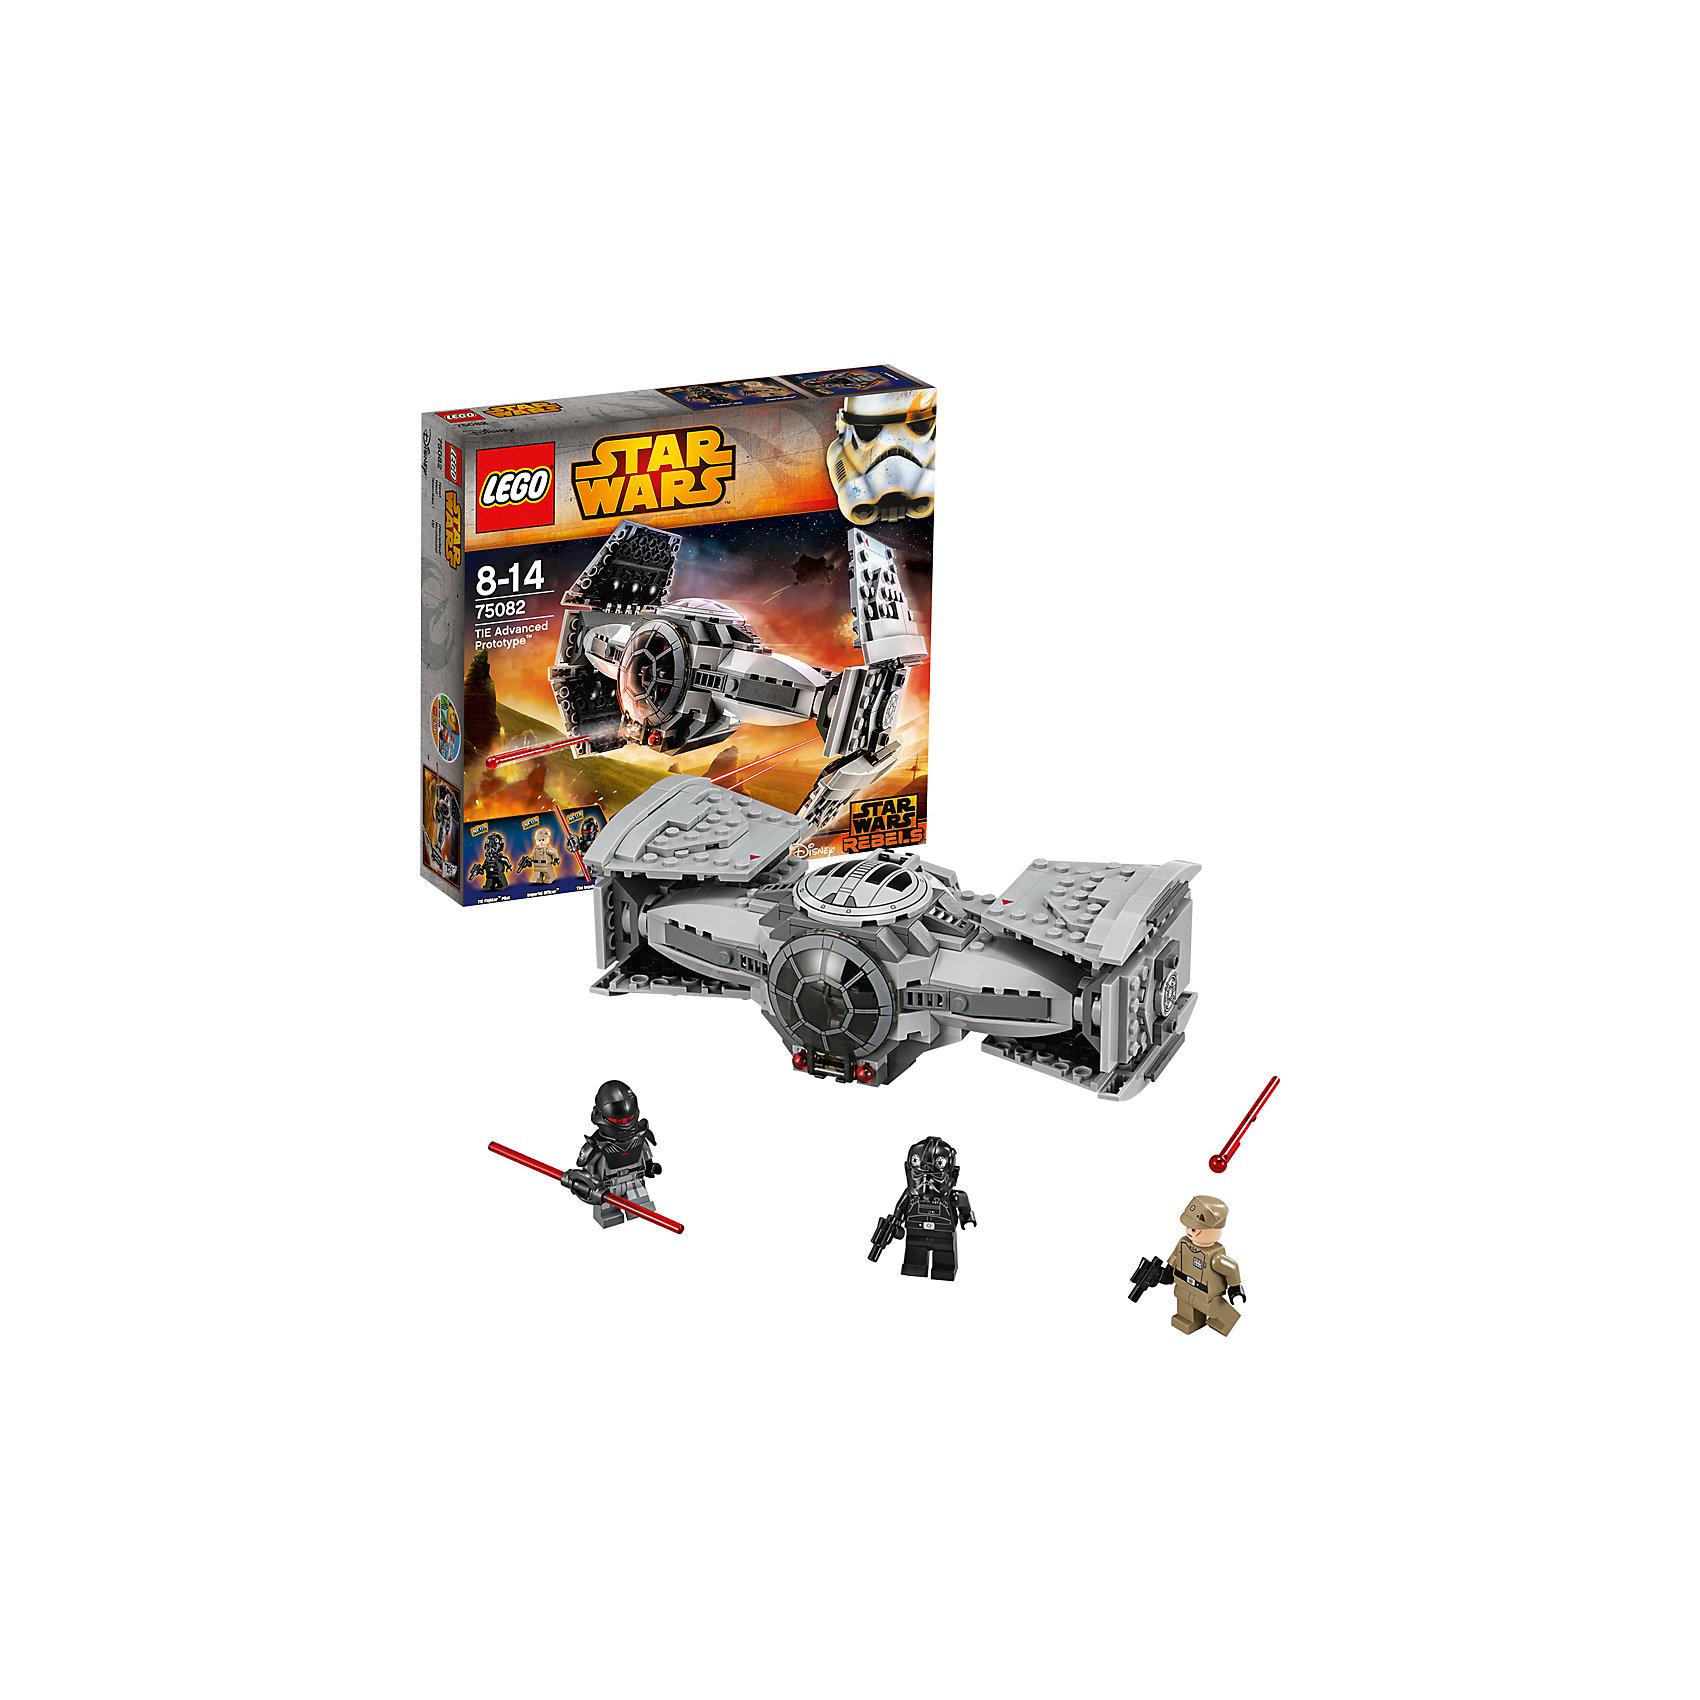 LEGO Star Wars 75082: Улучшенный Прототип TIE Истребителя (TIE Advanced Prototype™)Идеи подарков<br>В наборе LEGO Star Wars (ЛЕГО Звездные Войны) 75082: Улучшенный Прототип TIE Истребителя (TIE Advanced Prototype™) вы найдете детализированную модель усовершенствованного прототипа звездолета TIE со множеством подвижных деталей: люк кабины снимается (можно посадить фигурку), крылья истребителя складываются. Складные крылья представляют собой массивные энергетические батареи. Они способны накапливать излучение и преобразовывать его в боевые заряды. Мощь удара настолько велика, что способна полностью уничтожить звездолет противника. В комплектации также 3 мини-фигурки с оружием (имперский офицер, пилот истребителя TIE и Инквизитор). Все ключевые моменты и захватывающие космические приключения из разных эпизодов известнейшего фильма «Звездные Войны» в качестве увлекательного конструктора у Вас дома!<br><br>LEGO Star Wars (ЛЕГО Звездные войны) – это тематическая серия детских развивающих конструкторов по мотивам приключенческого мультфильма 2014 года «Звездные войны: Повстанцы». Ребенок сможет часами играть с конструктором, придумывая различные ситуации и истории из любимого мультфильма. В процессе игры с конструктором дети приобретают и постигают такие необходимые навыки как познание, творчество, воображение. Большое количество дополнительных элементов делает игровые сюжеты по-настоящему захватывающими и реалистичными. Все наборы ЛЕГО Звездные Войны соответствуют самым высоким европейским стандартам качества и абсолютно безопасны. <br><br>Дополнительная информация:<br>-Состав: 355 деталей, 3 мини-фигурки (инквизитор, пилот истребителя, имперский офицер), инструкция по сборке<br>-Размеры в упаковке: 28х26х5,6 см<br>-Размер звездолета 13 х 20 х 8<br>-Материал: пластик<br><br>LEGO Star Wars (ЛЕГО Звездные Войны) 75082: Улучшенный Прототип TIE Истребителя (TIE Advanced Prototype™) можно купить в нашем магазине.<br><br>Ширина мм: 284<br>Глубина мм: 266<br>Высота мм: 63<br>Вес